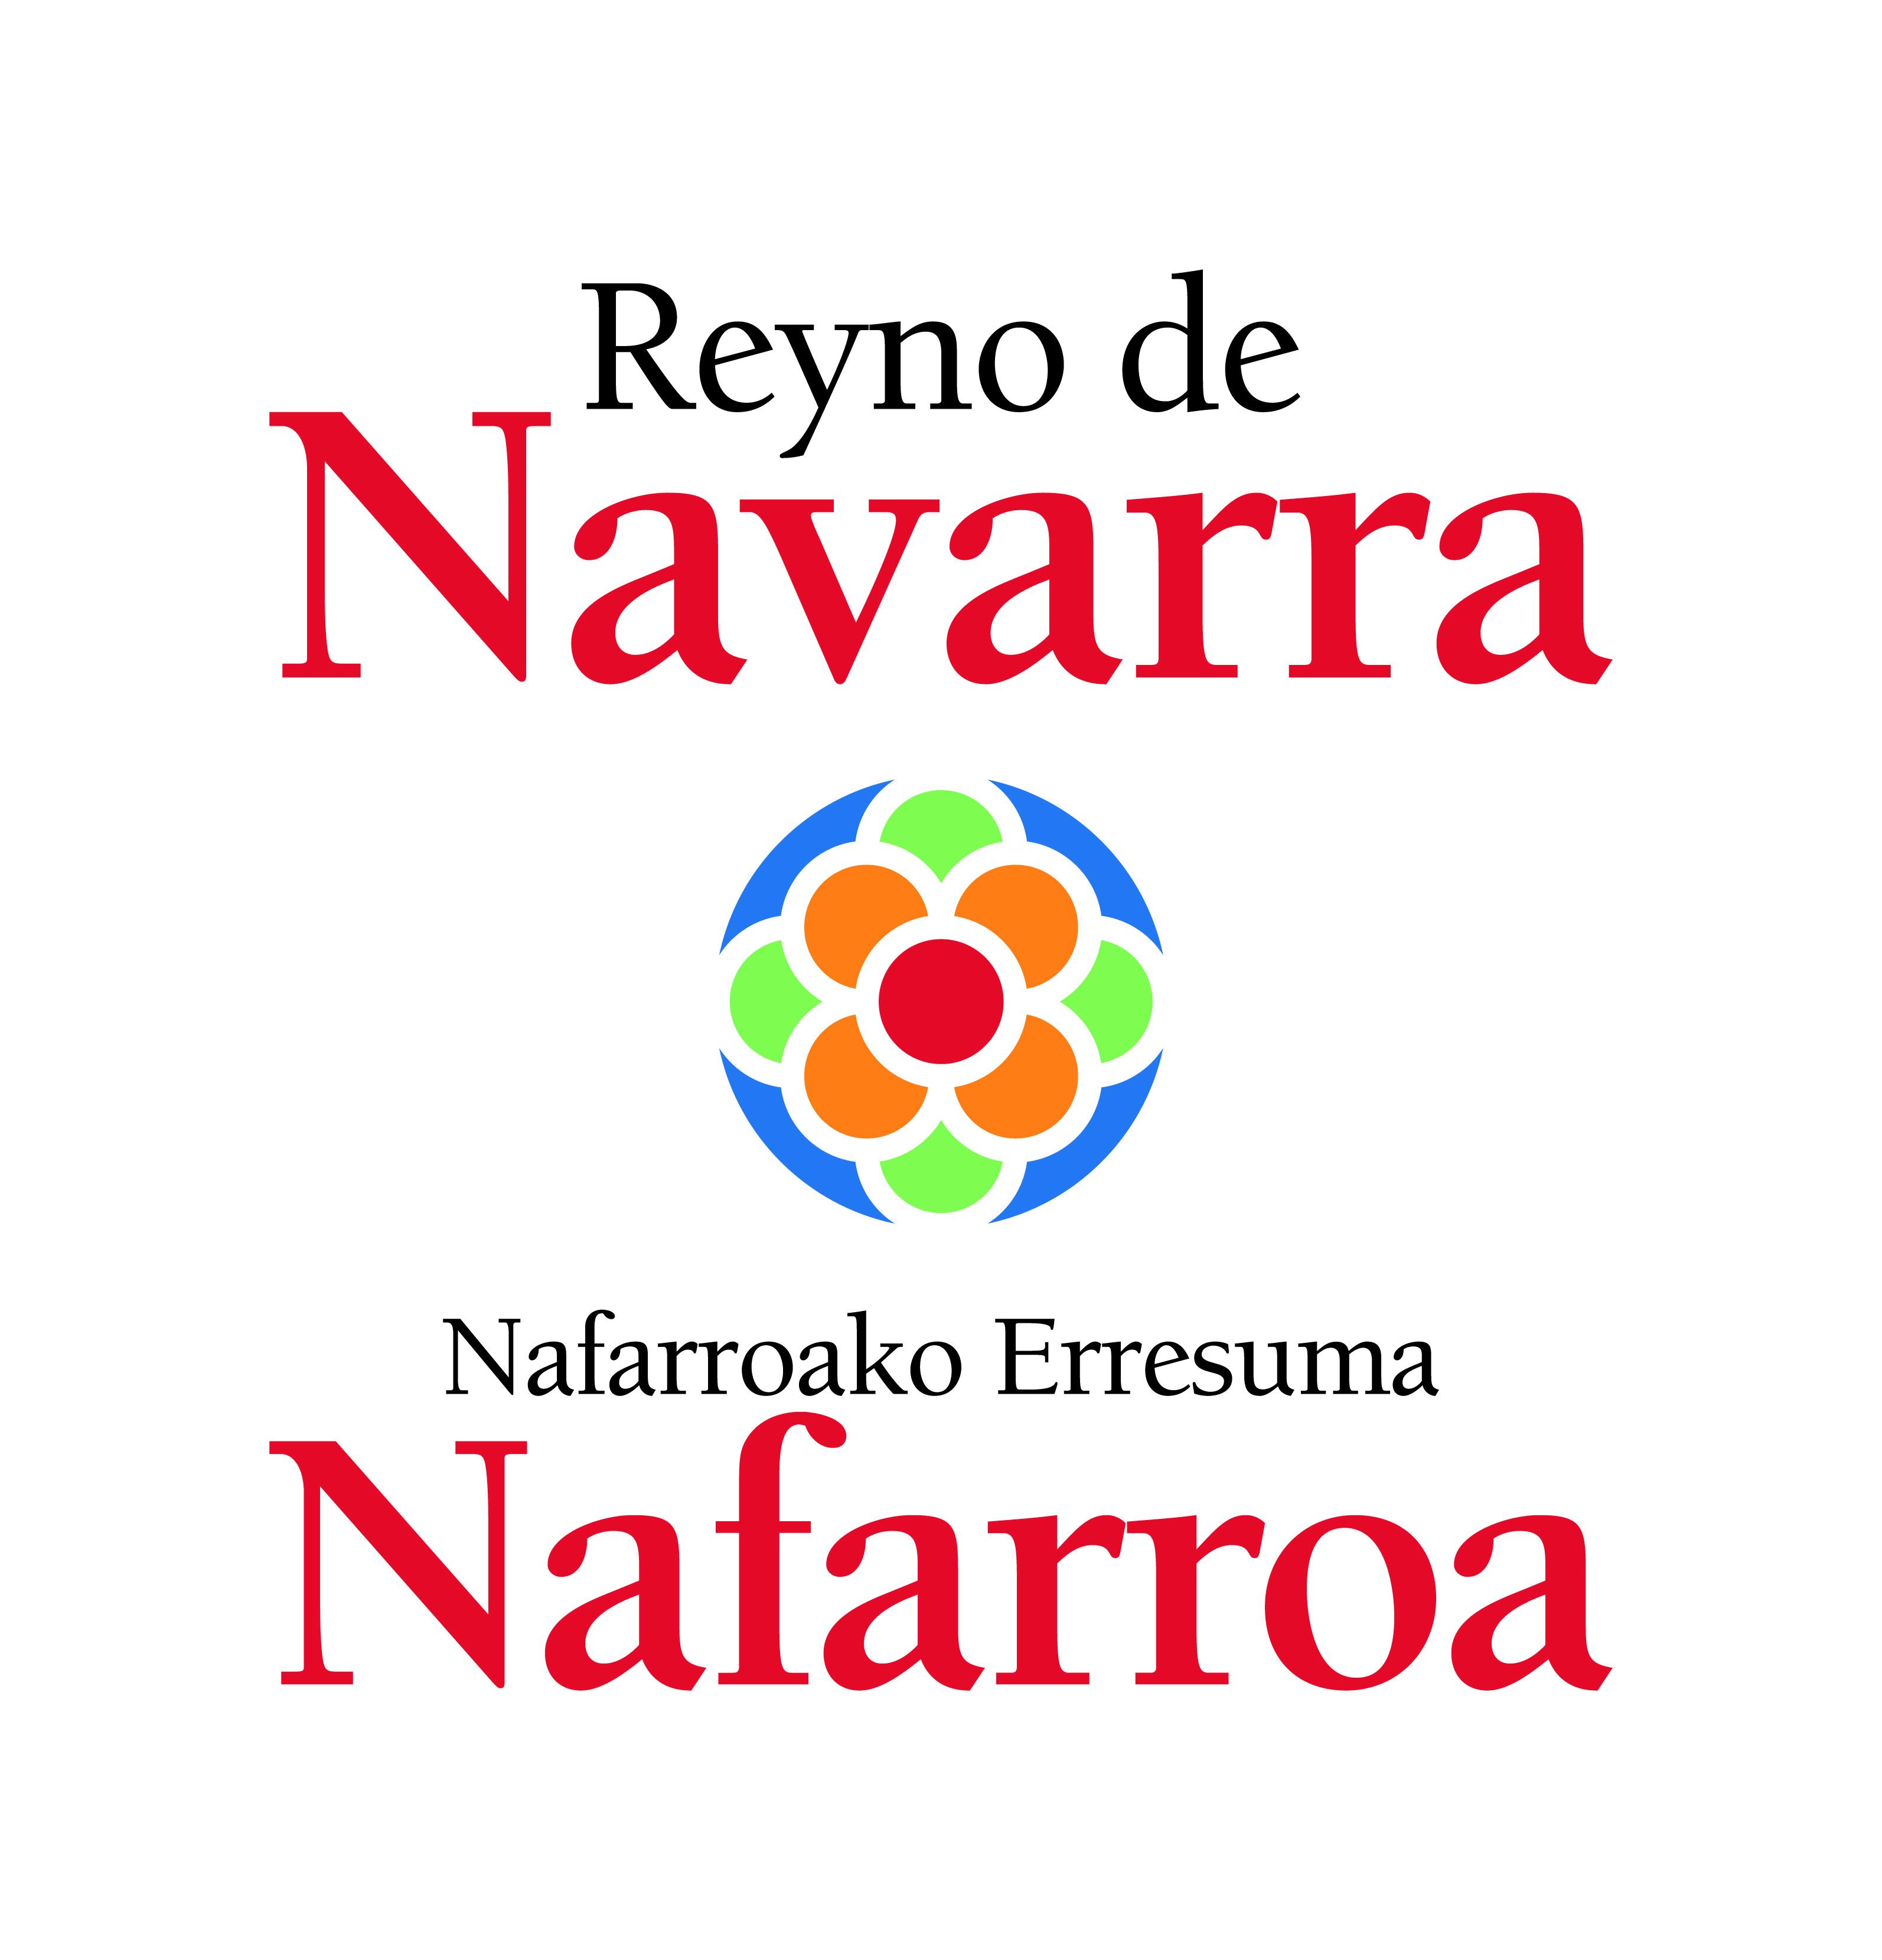 Reyno de Navarra Grande